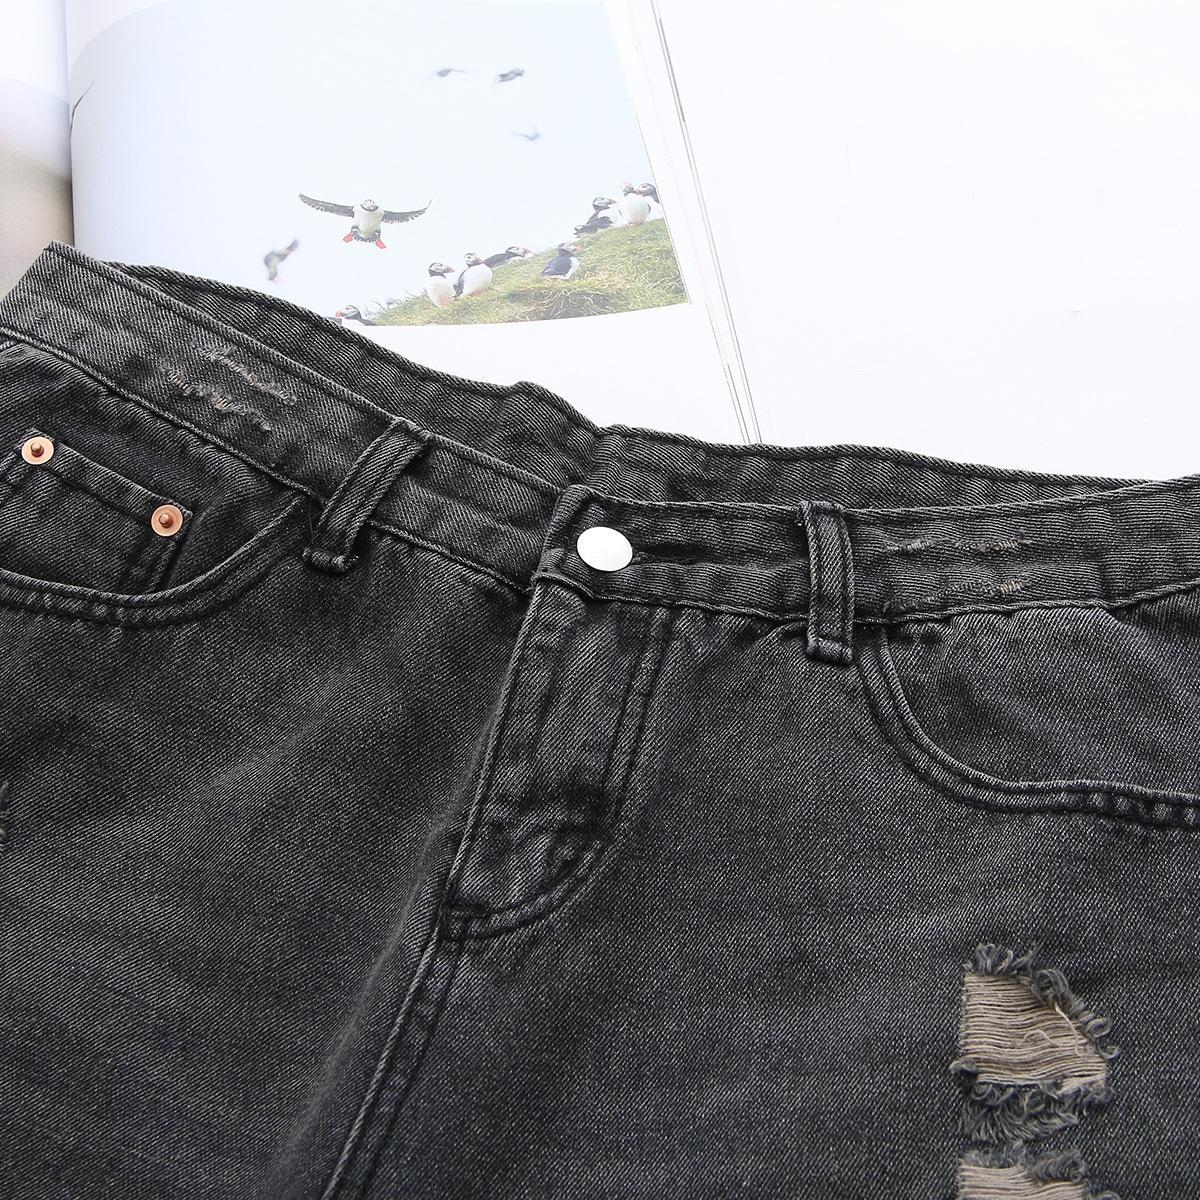 5ctF2 ufiUH yeni boyut kadın yıpranmış kot SY60 bayan dış giyim 2019 ilkbahar ve yaz Artı şişman Coat Şort sıcak pantolon mm zayıflama sıcak pantolon s